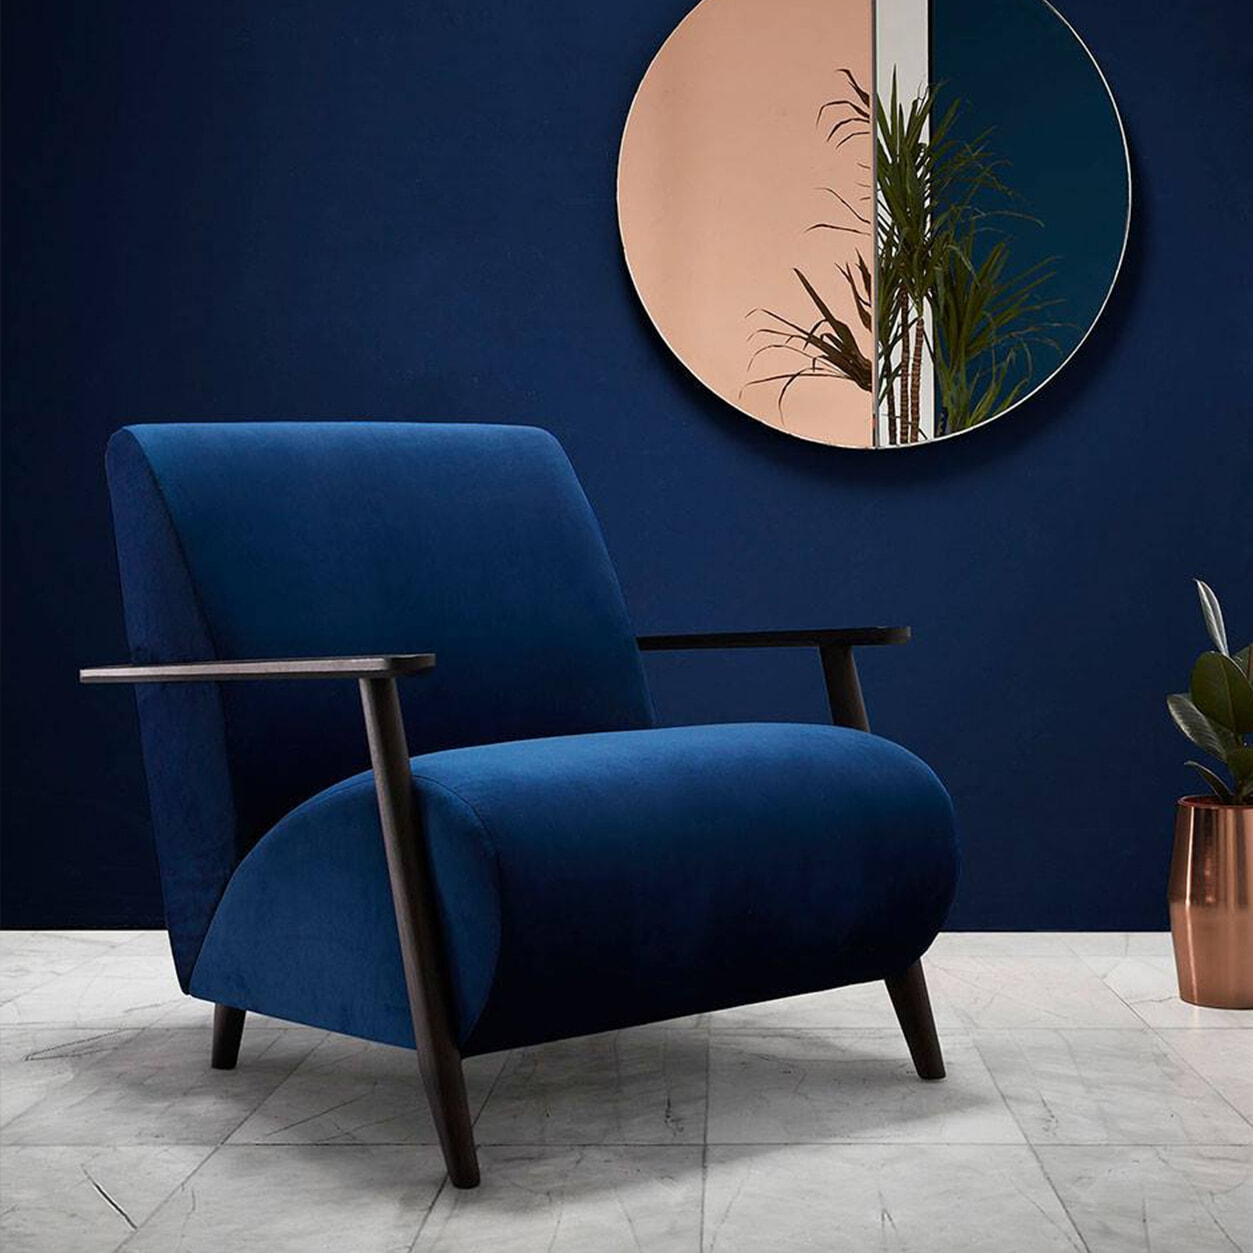 Kave Home Fauteuil 'Meghan' Velvet, kleur Donkerblauw